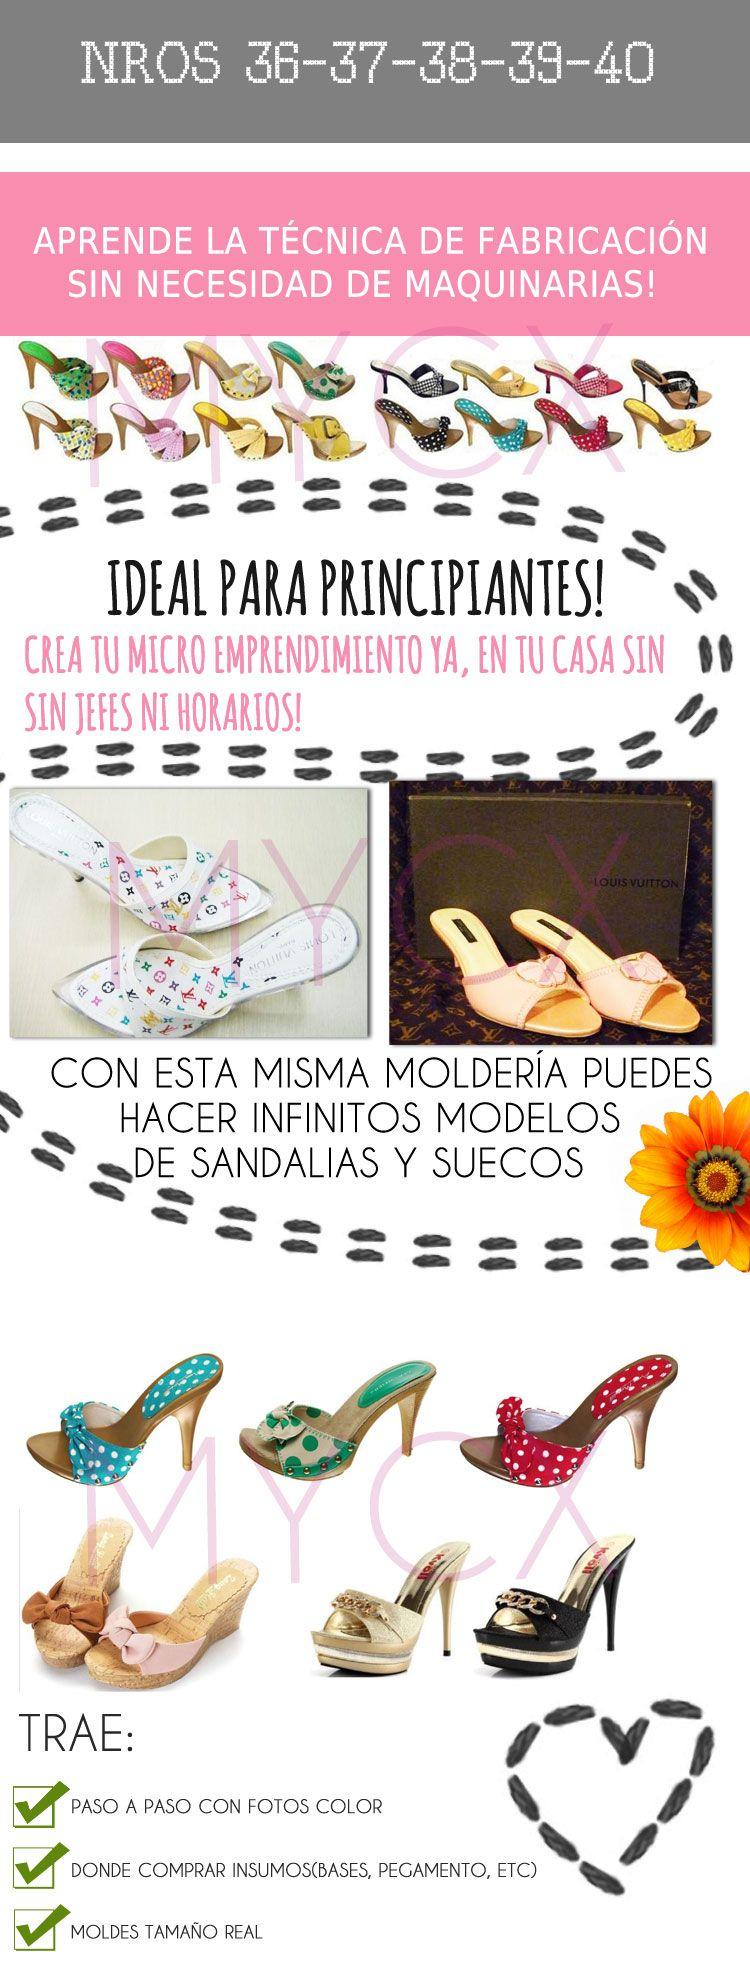 Moldes Patrones Zapatos Sandalias Mujer 36-37-38-39-40 - $ 45,00 en MercadoLibre